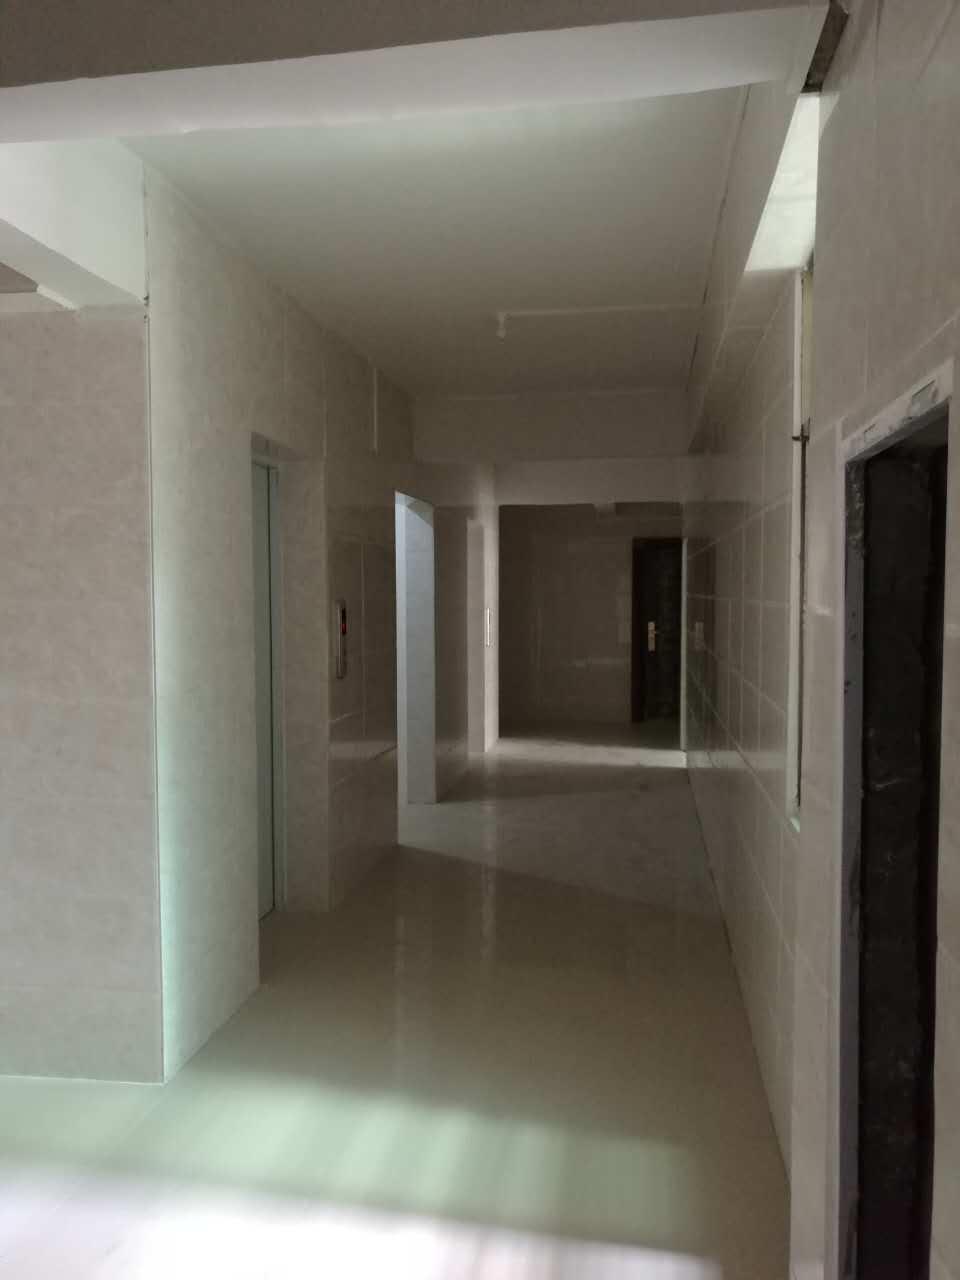 马山头小产权三房90平米43万,最便宜的笋盘 三房二厅 第14张